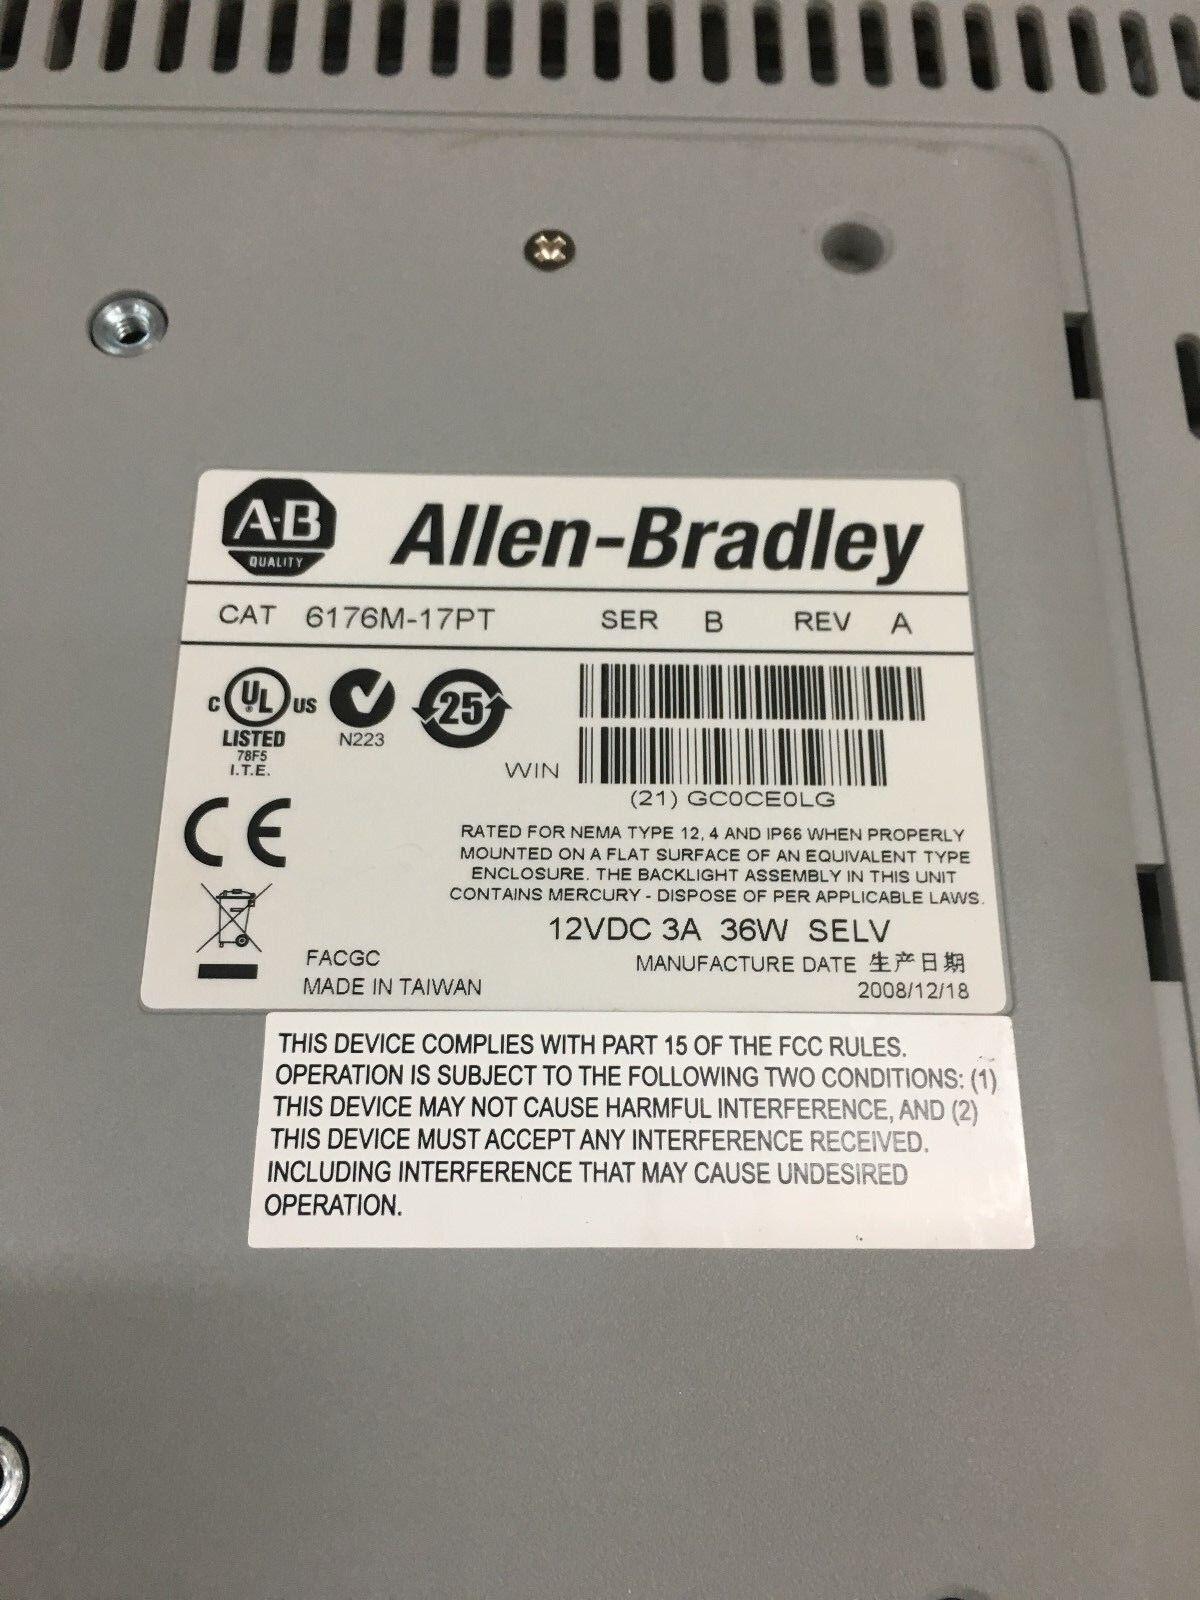 USED ALLEN-BRADLEY VERSAVIEW 1750M TOUCHSCREEN INDUSTRIAL